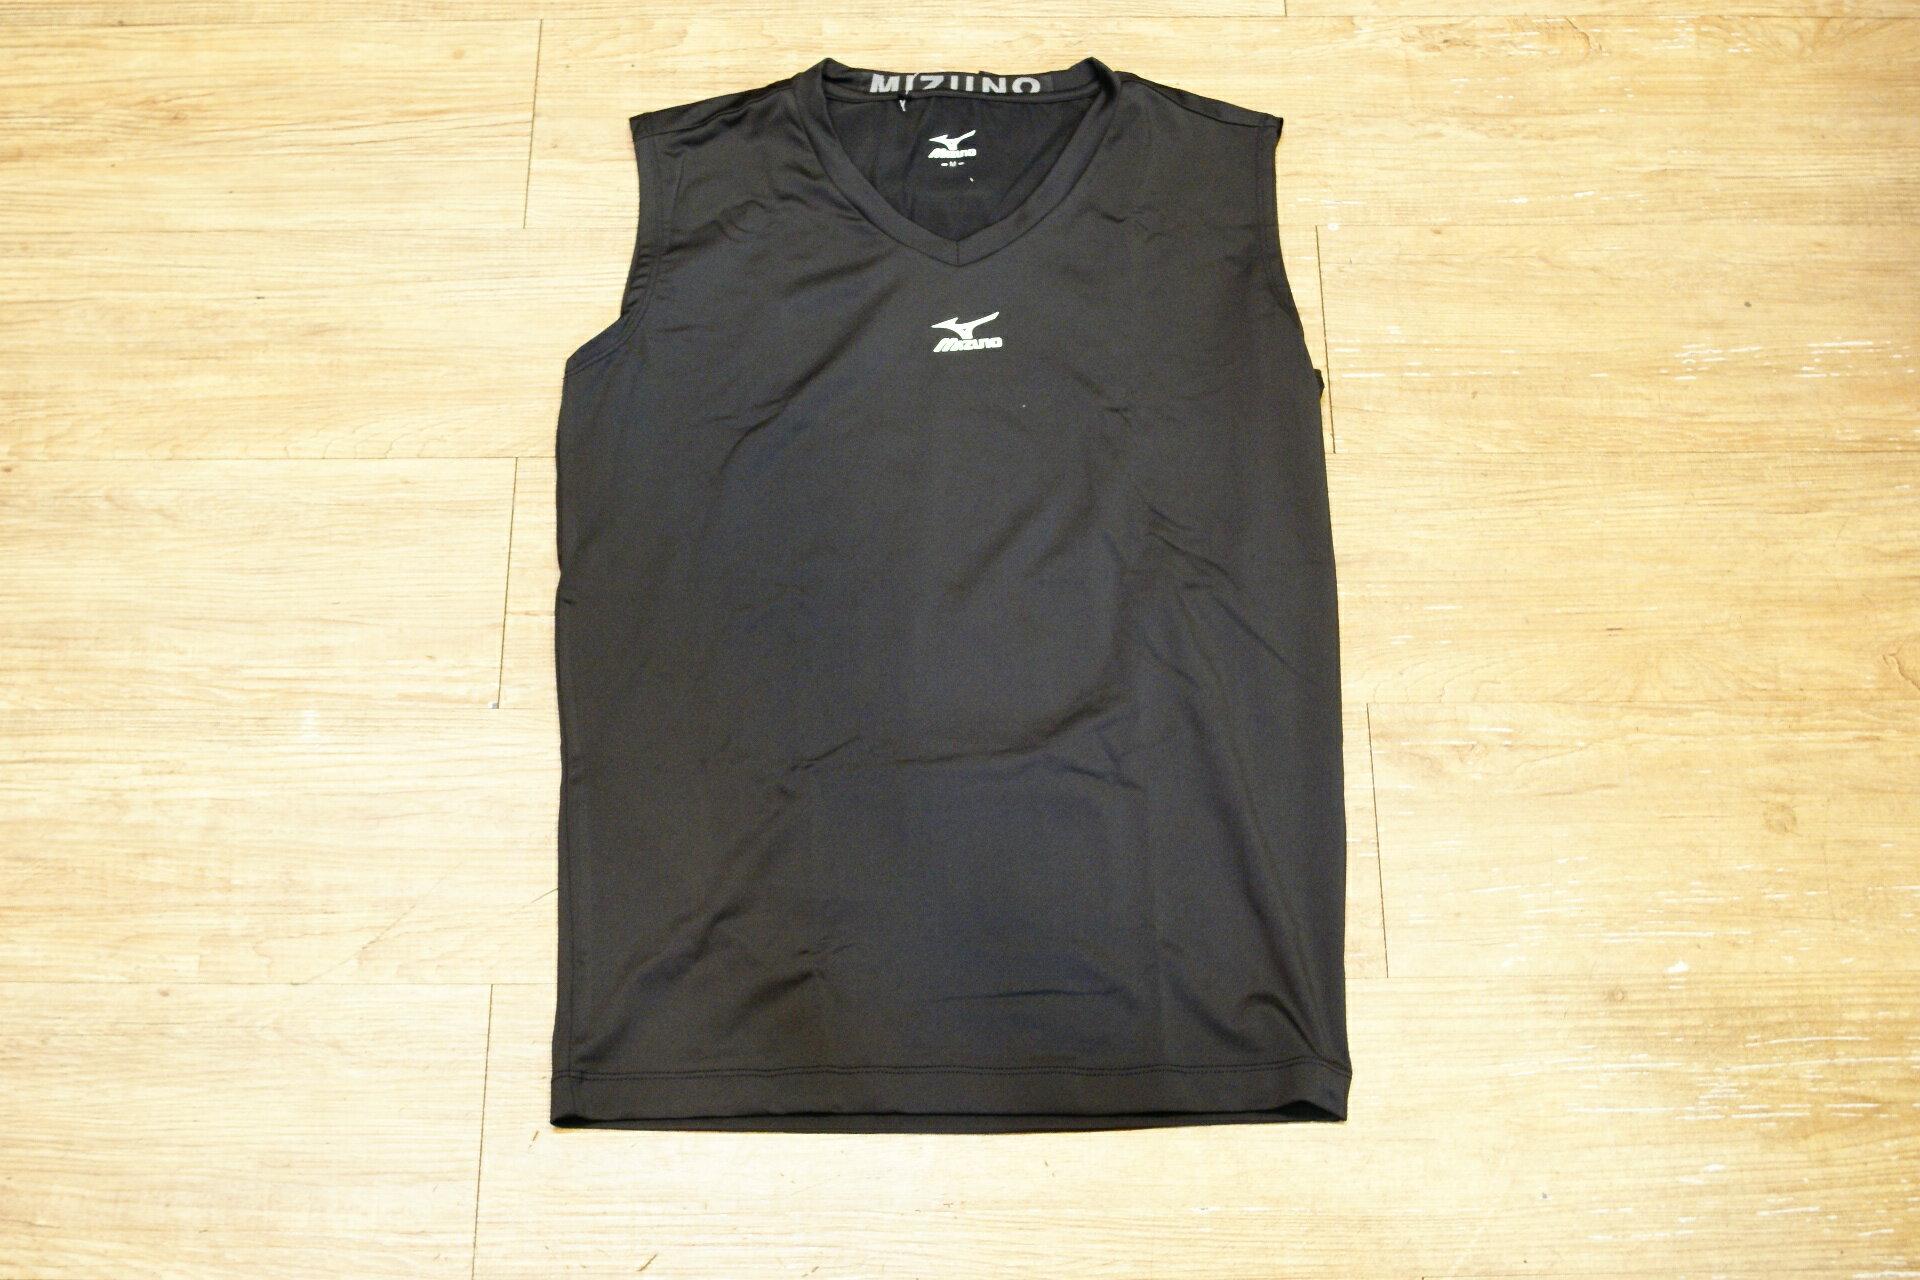 棒球世界 2015年 MIZUNO 美津濃削肩緊身衣 特價 三色